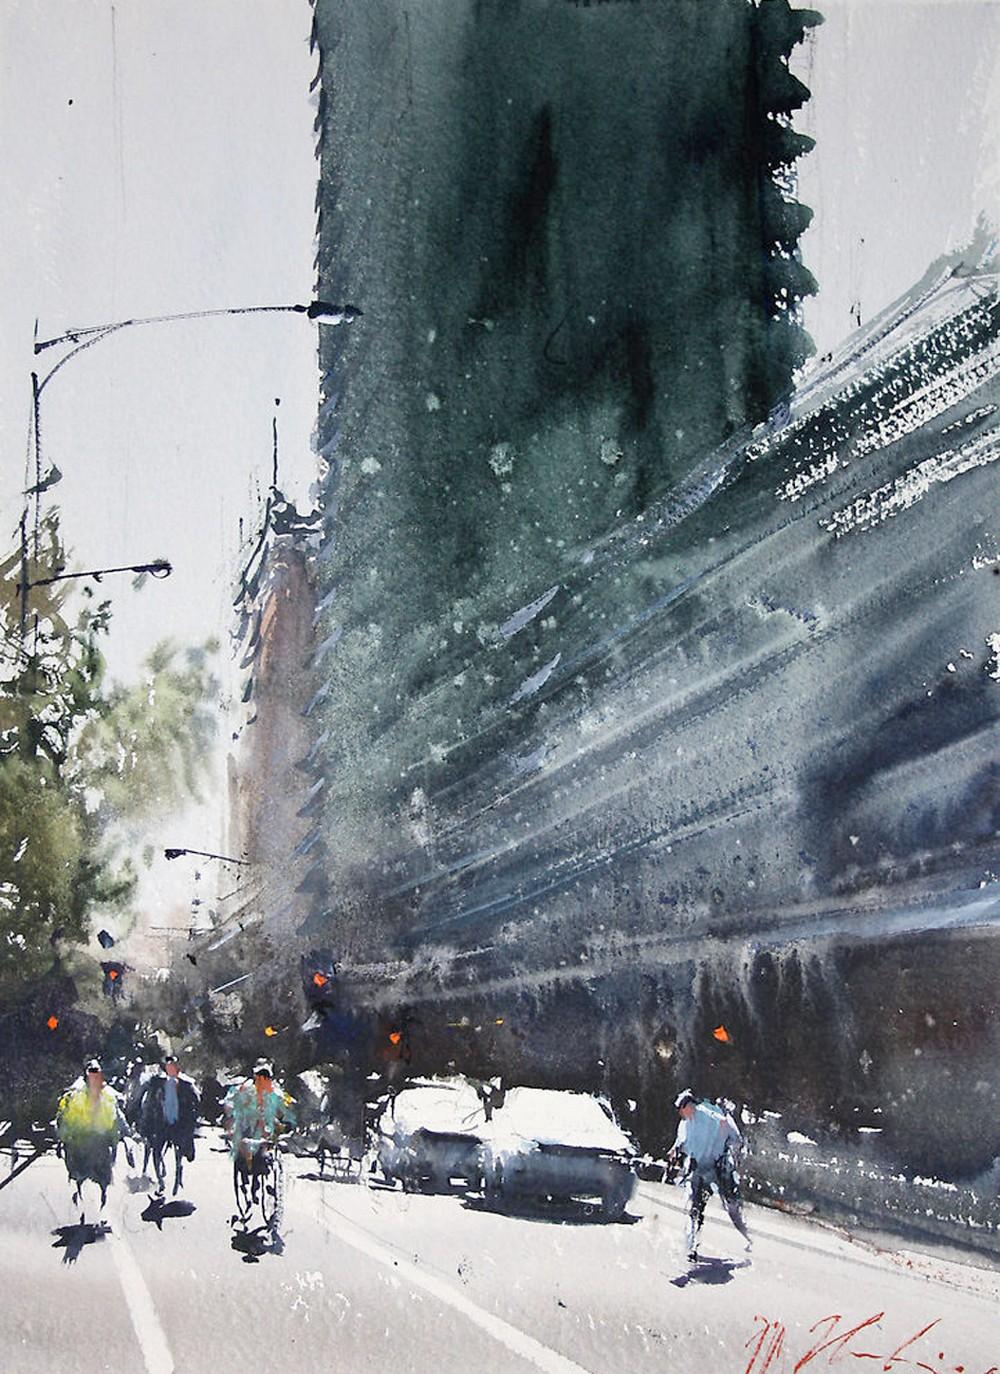 Акварельная живопись Джозефа Збуквича